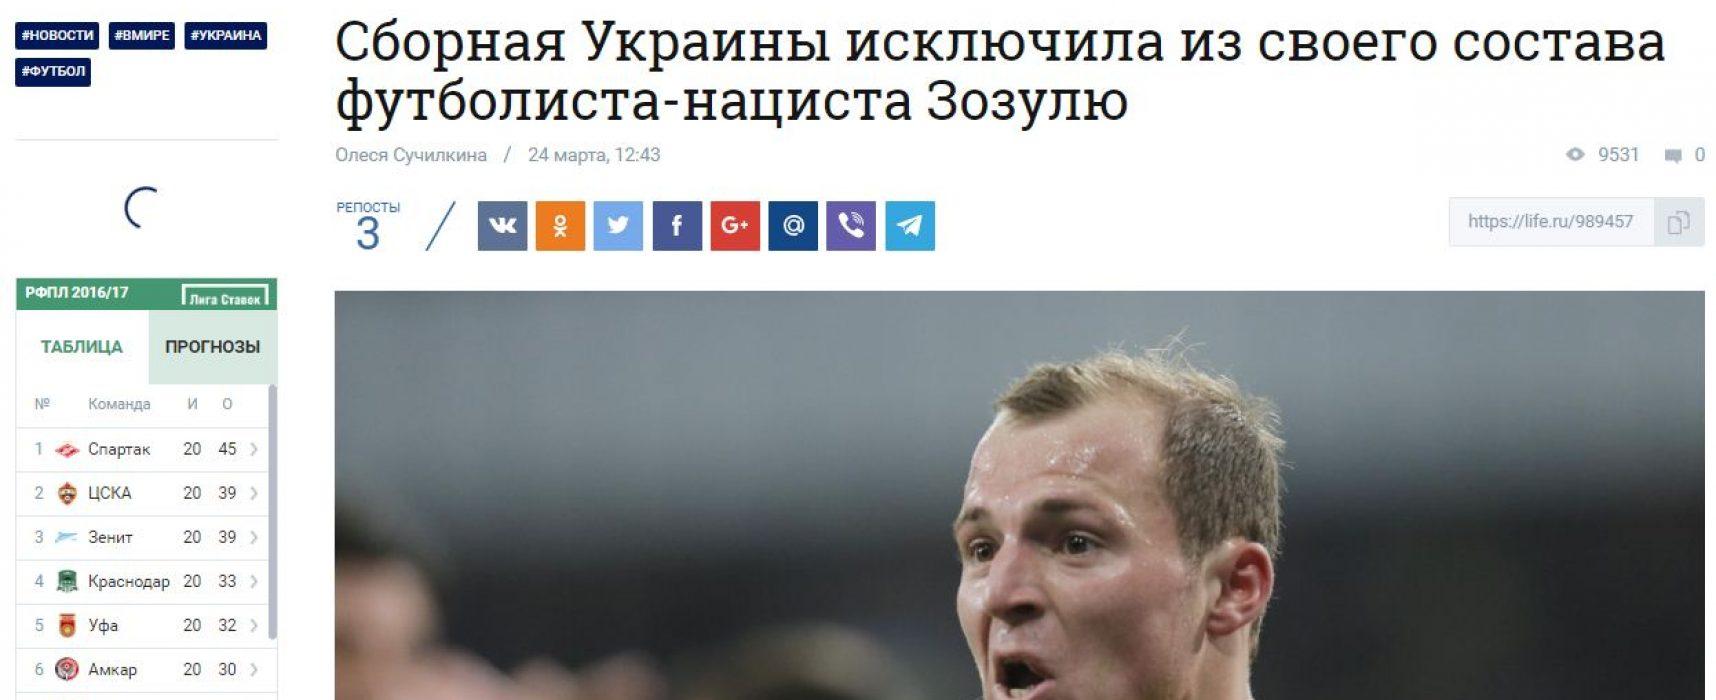 Фейк: Сборная Украины исключила из своего состава футболиста-нациста Зозулю